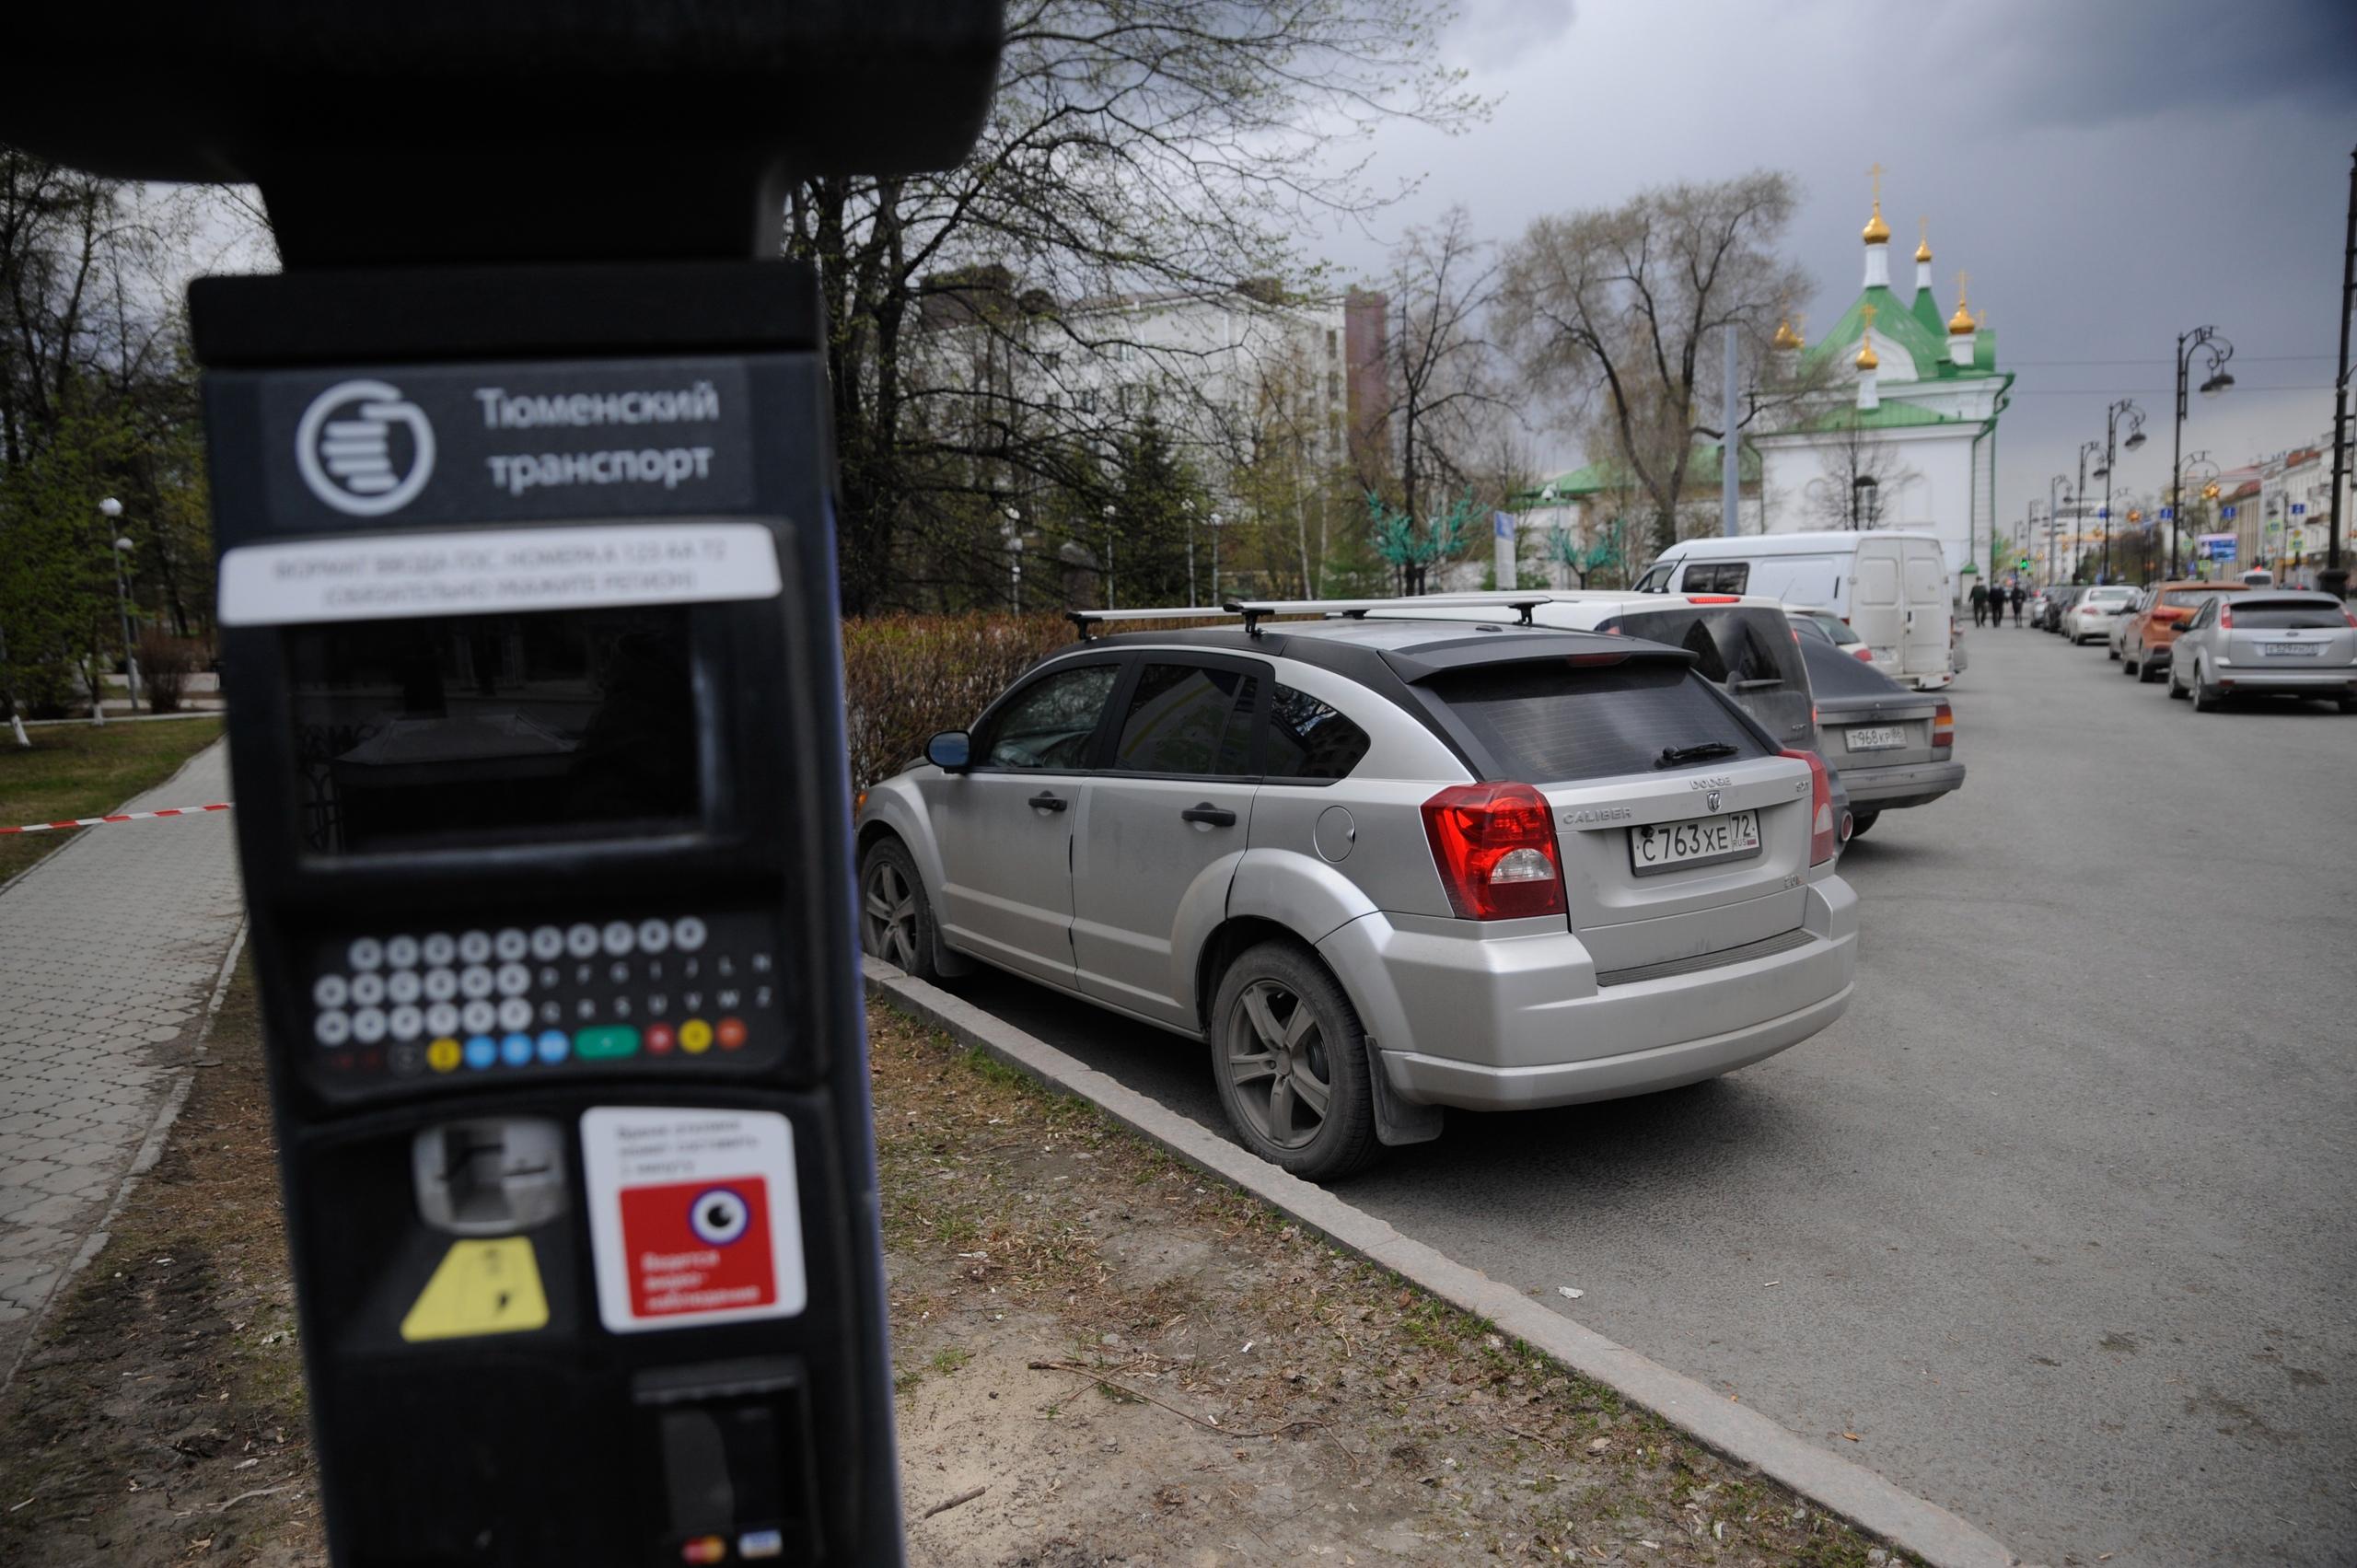 Базовый размер платы владелец паркинга будет формировать, исходя из количества свободных и занятых машиномест